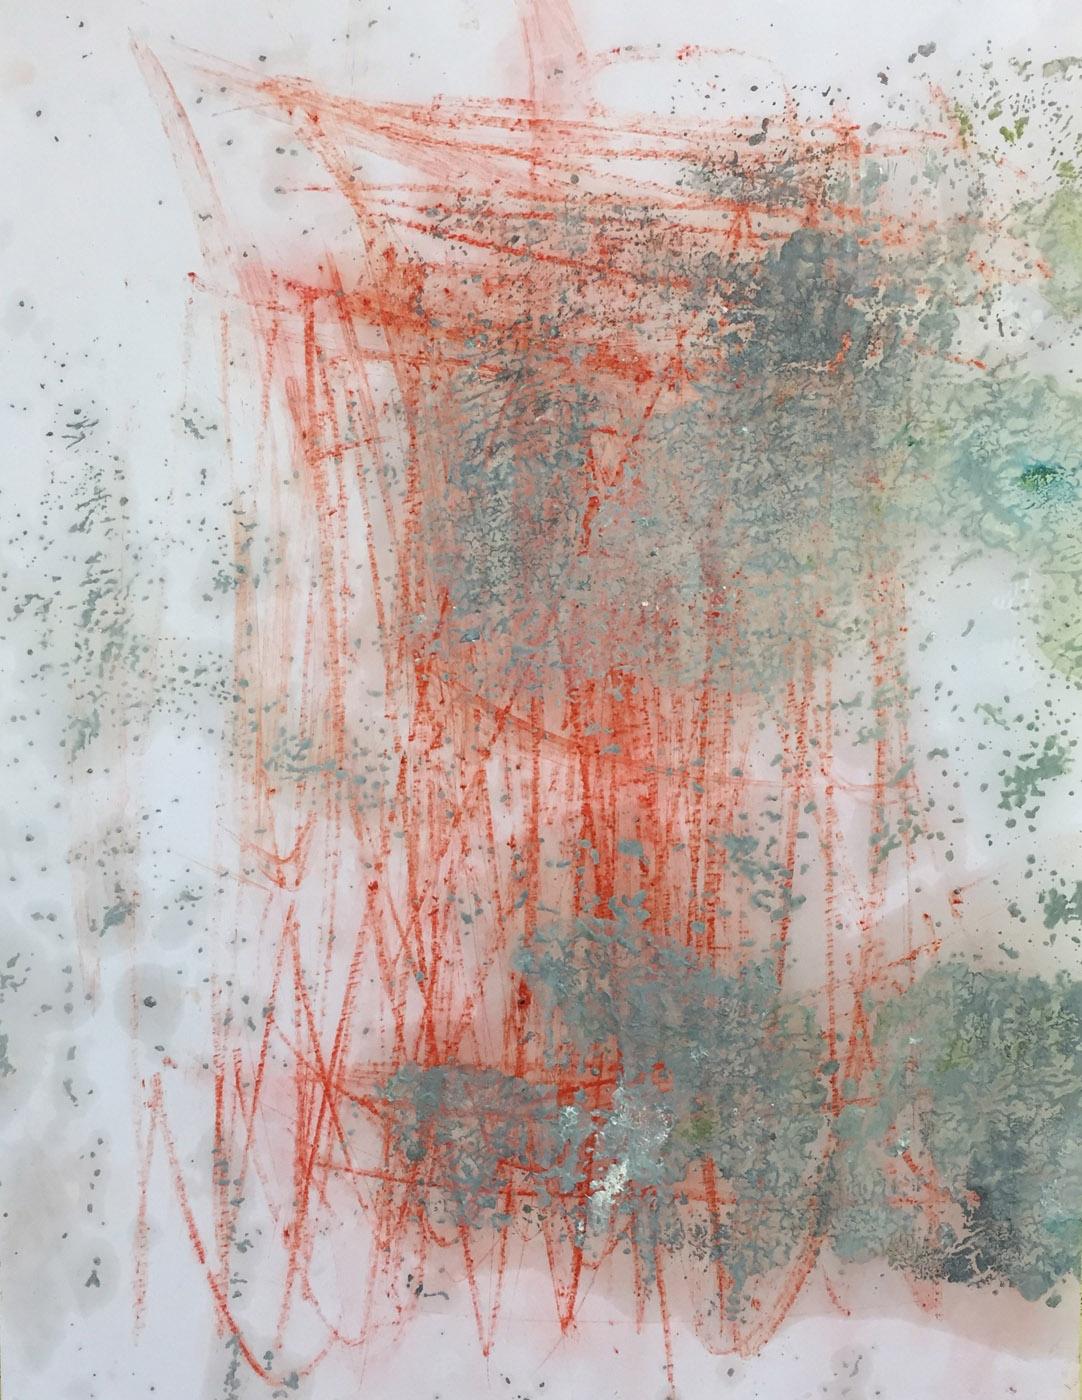 MARC FELD 2019 RED WRITING 3 Pigment et huile sur papier 50 x 65 cm